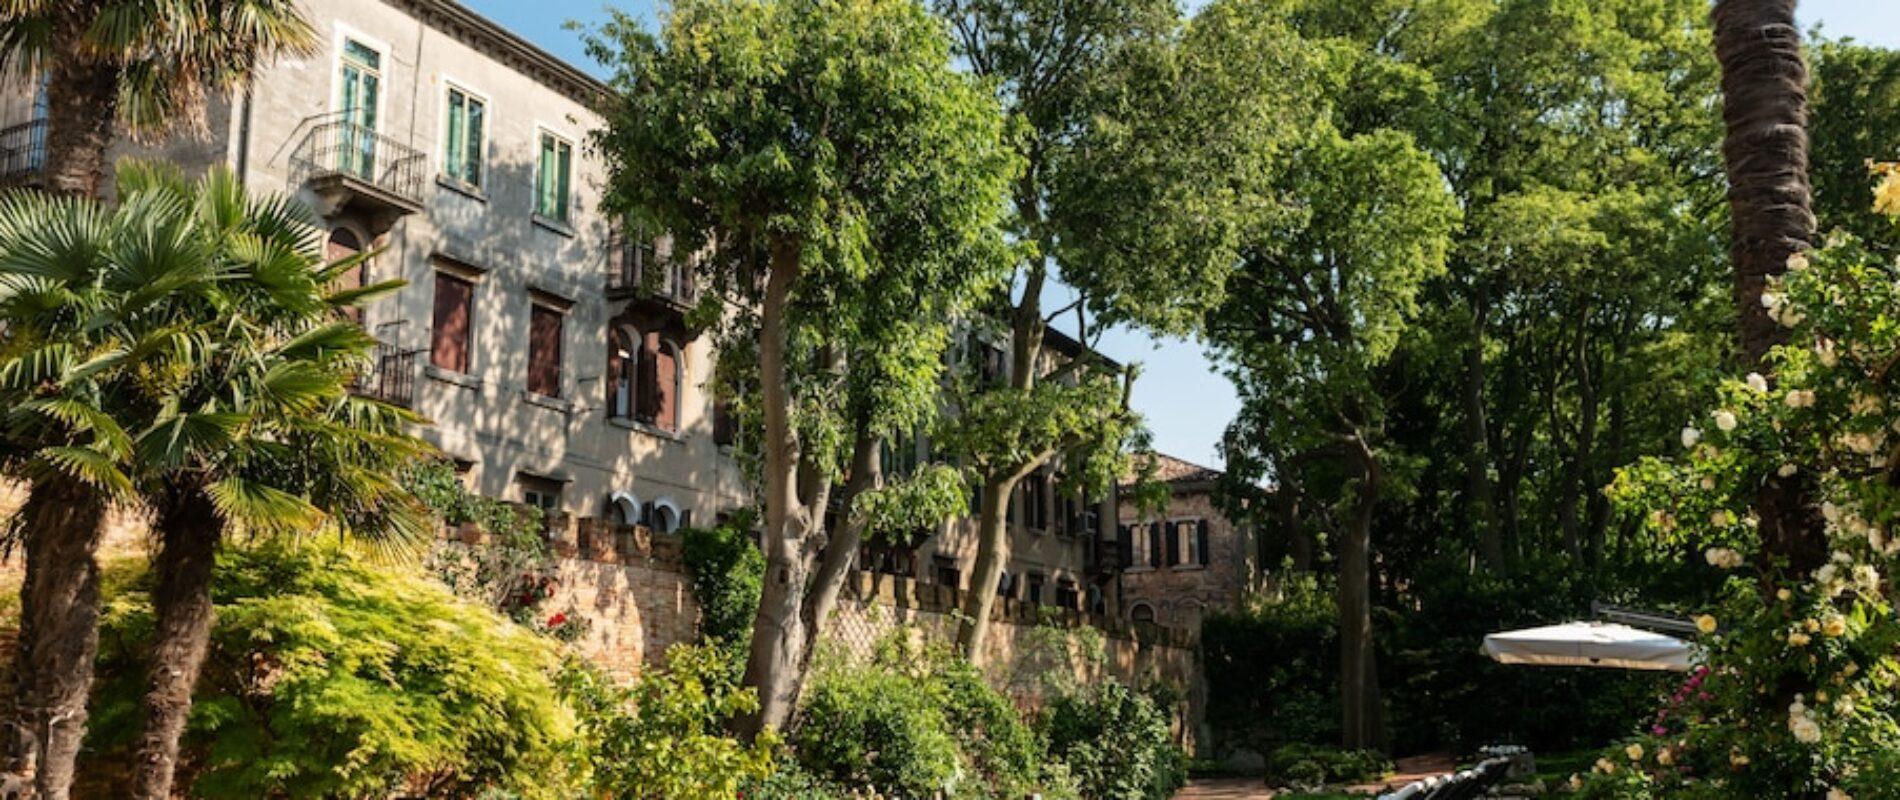 Sabato 19 GIUGNO: giardini segreti, conventi e… l'aperitivo Lady ROSE